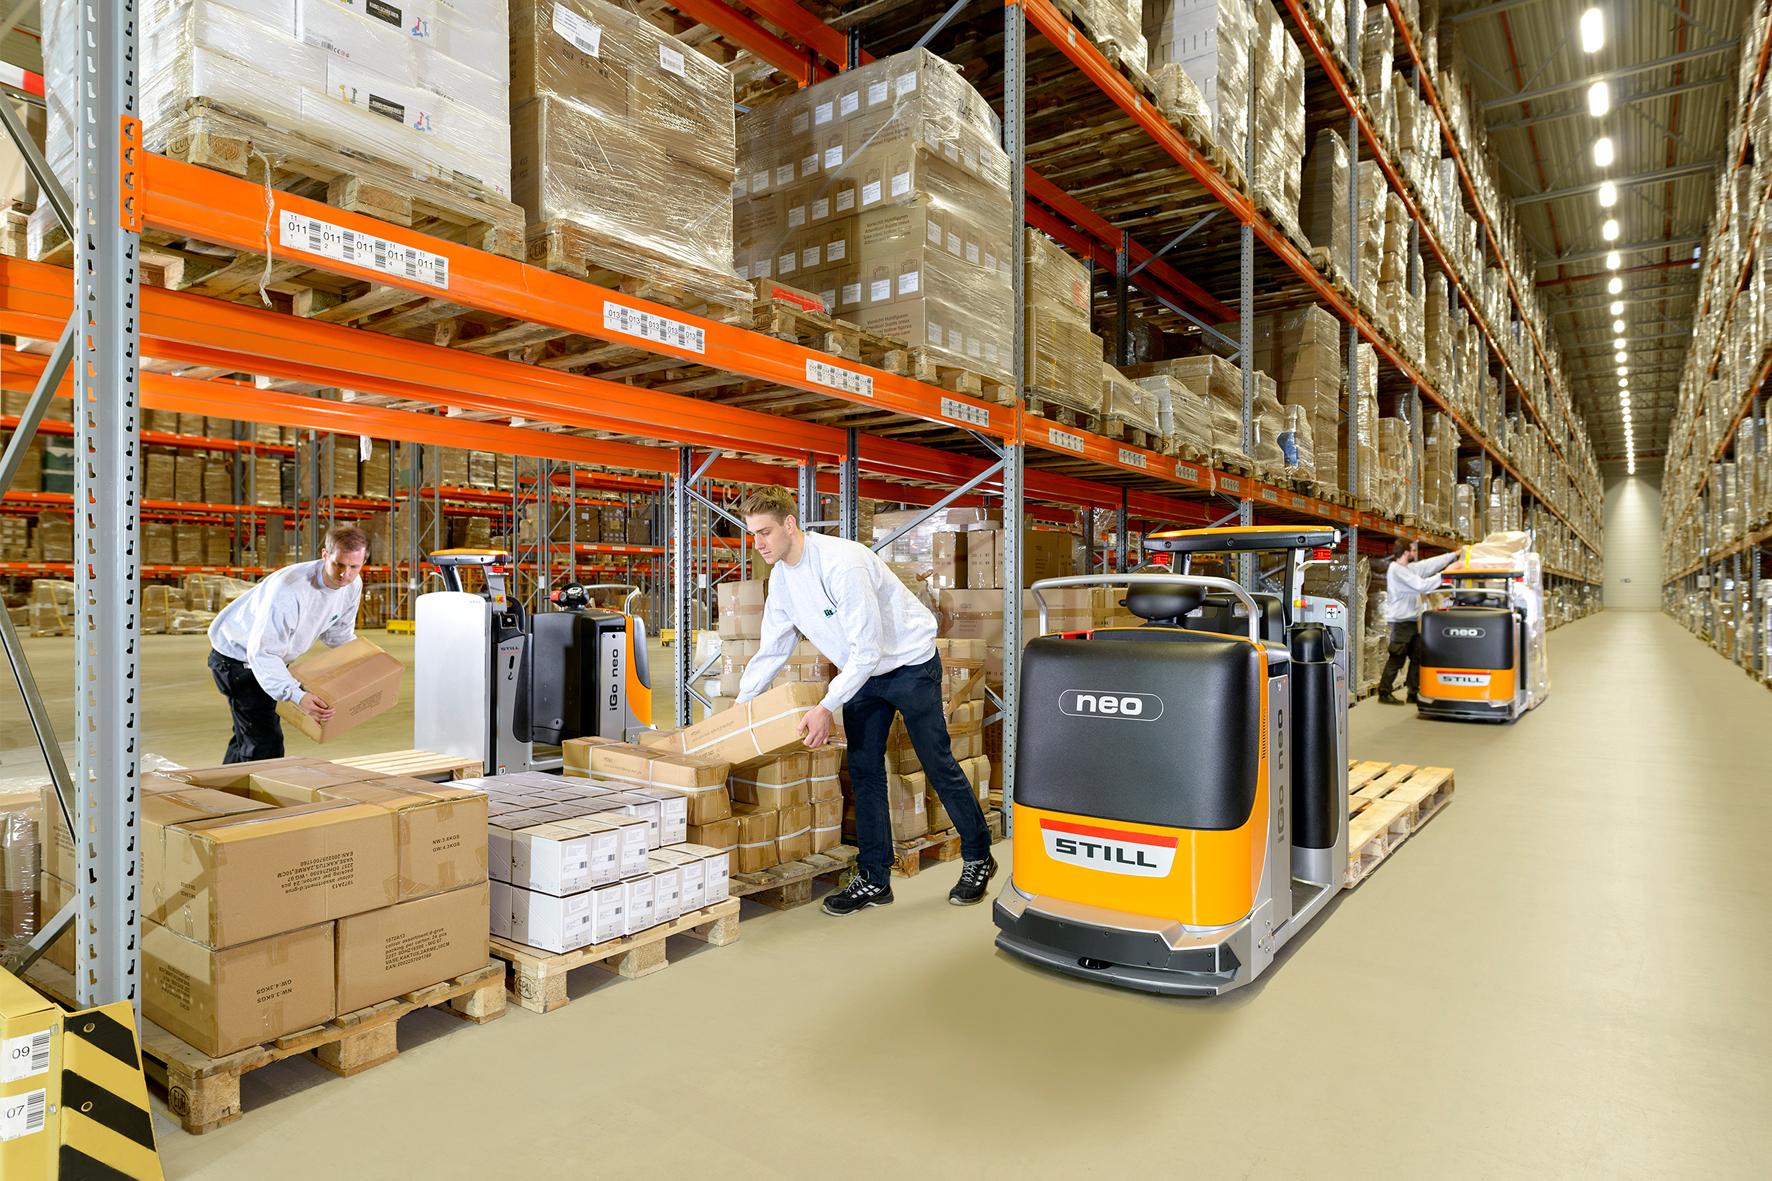 Der STILL iGo neo CX 20 ist bei der Kommissionierung der Waren im Kommissionierlager der L.I.T Lager & Logistik eine feste Planungsgröße für mittlere und große Kommissionieraufträge.